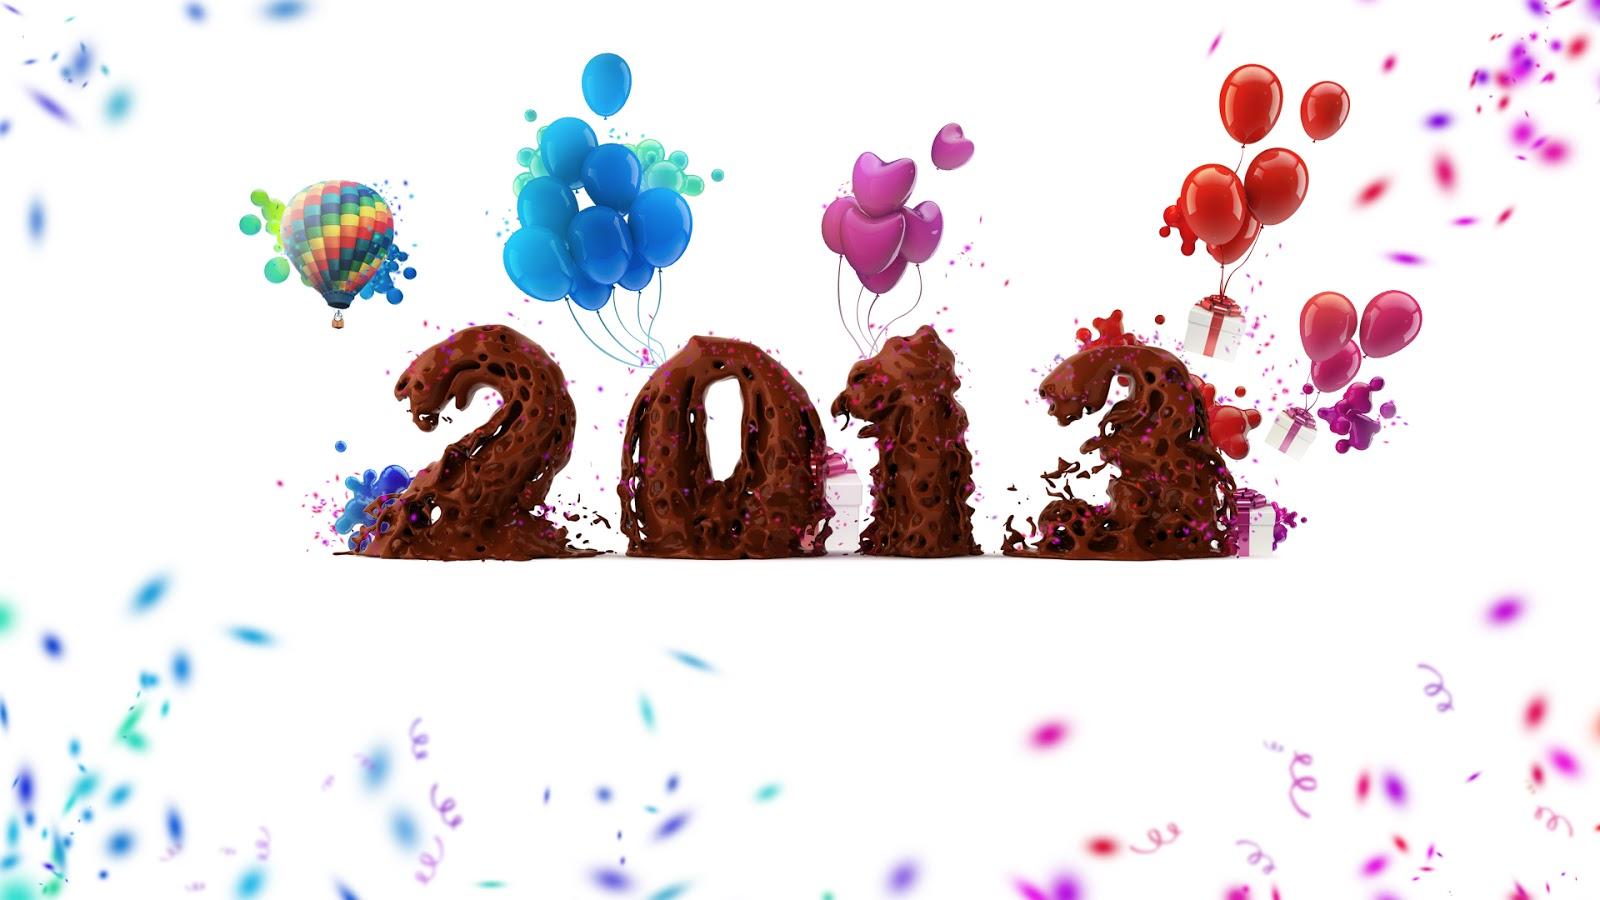 2013 Chocolate 2013 New Year 2013